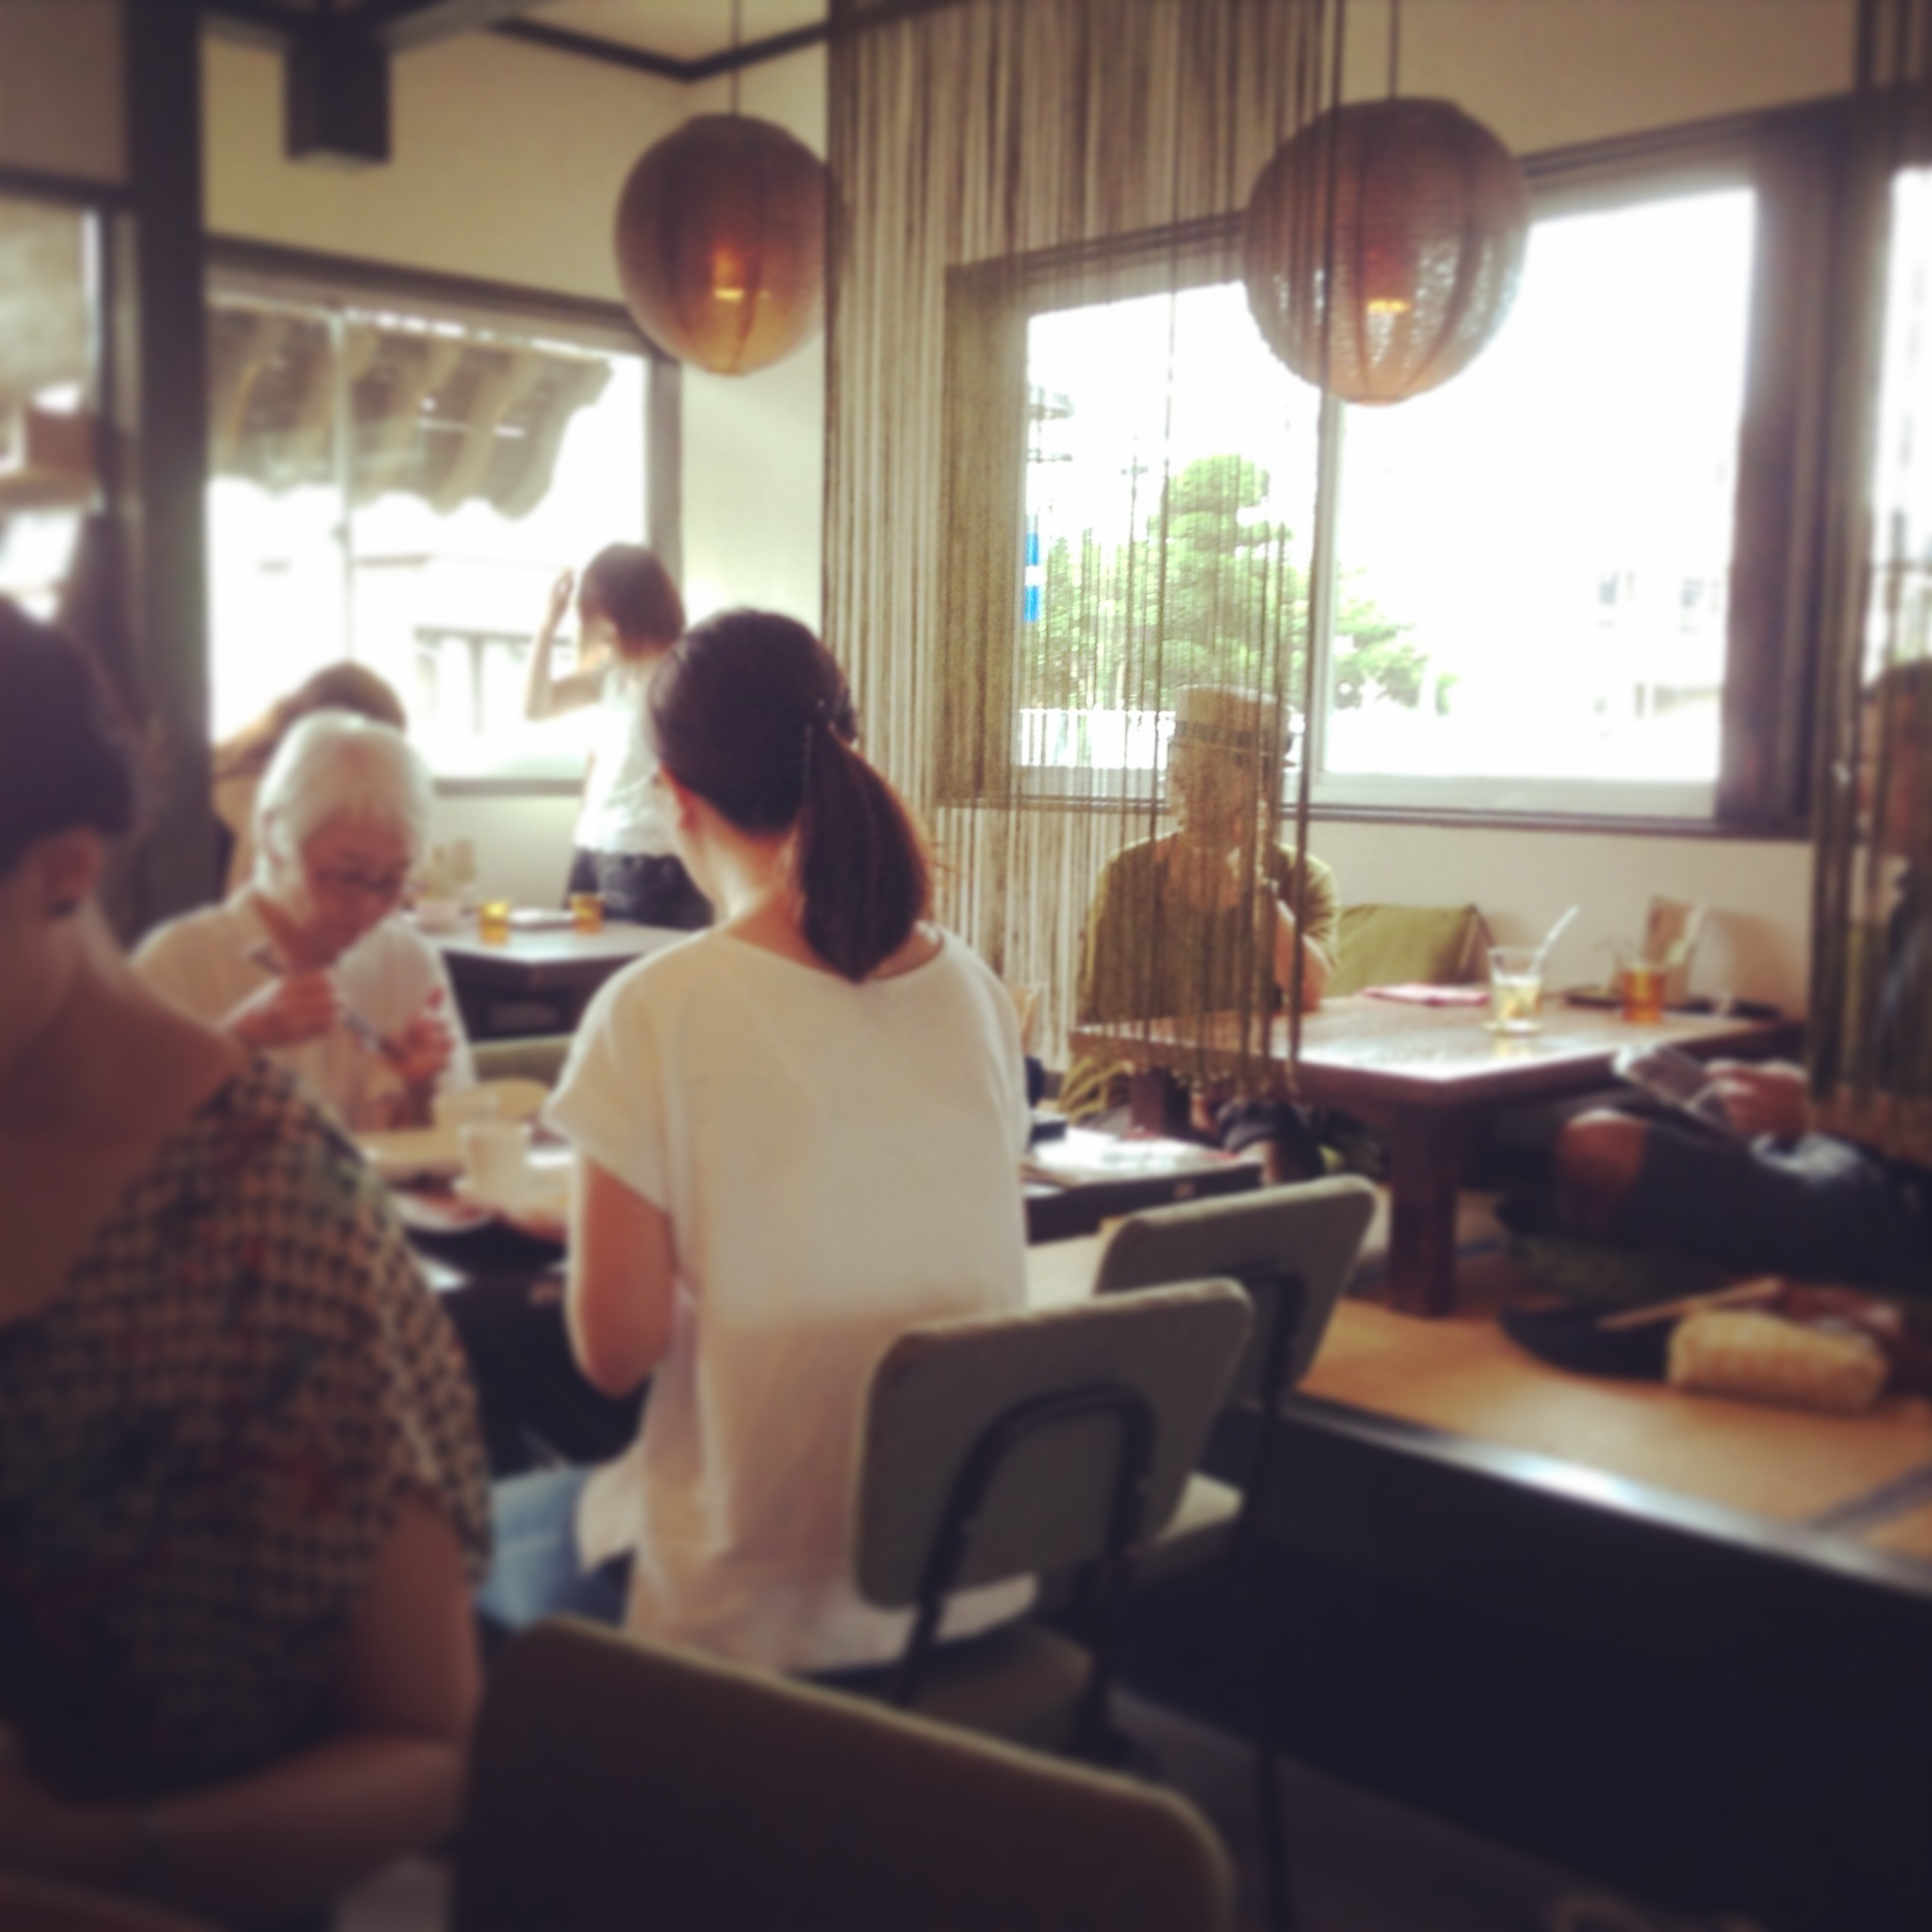 シンパカフェには性別も年齢もさまざまな人たちが集う。